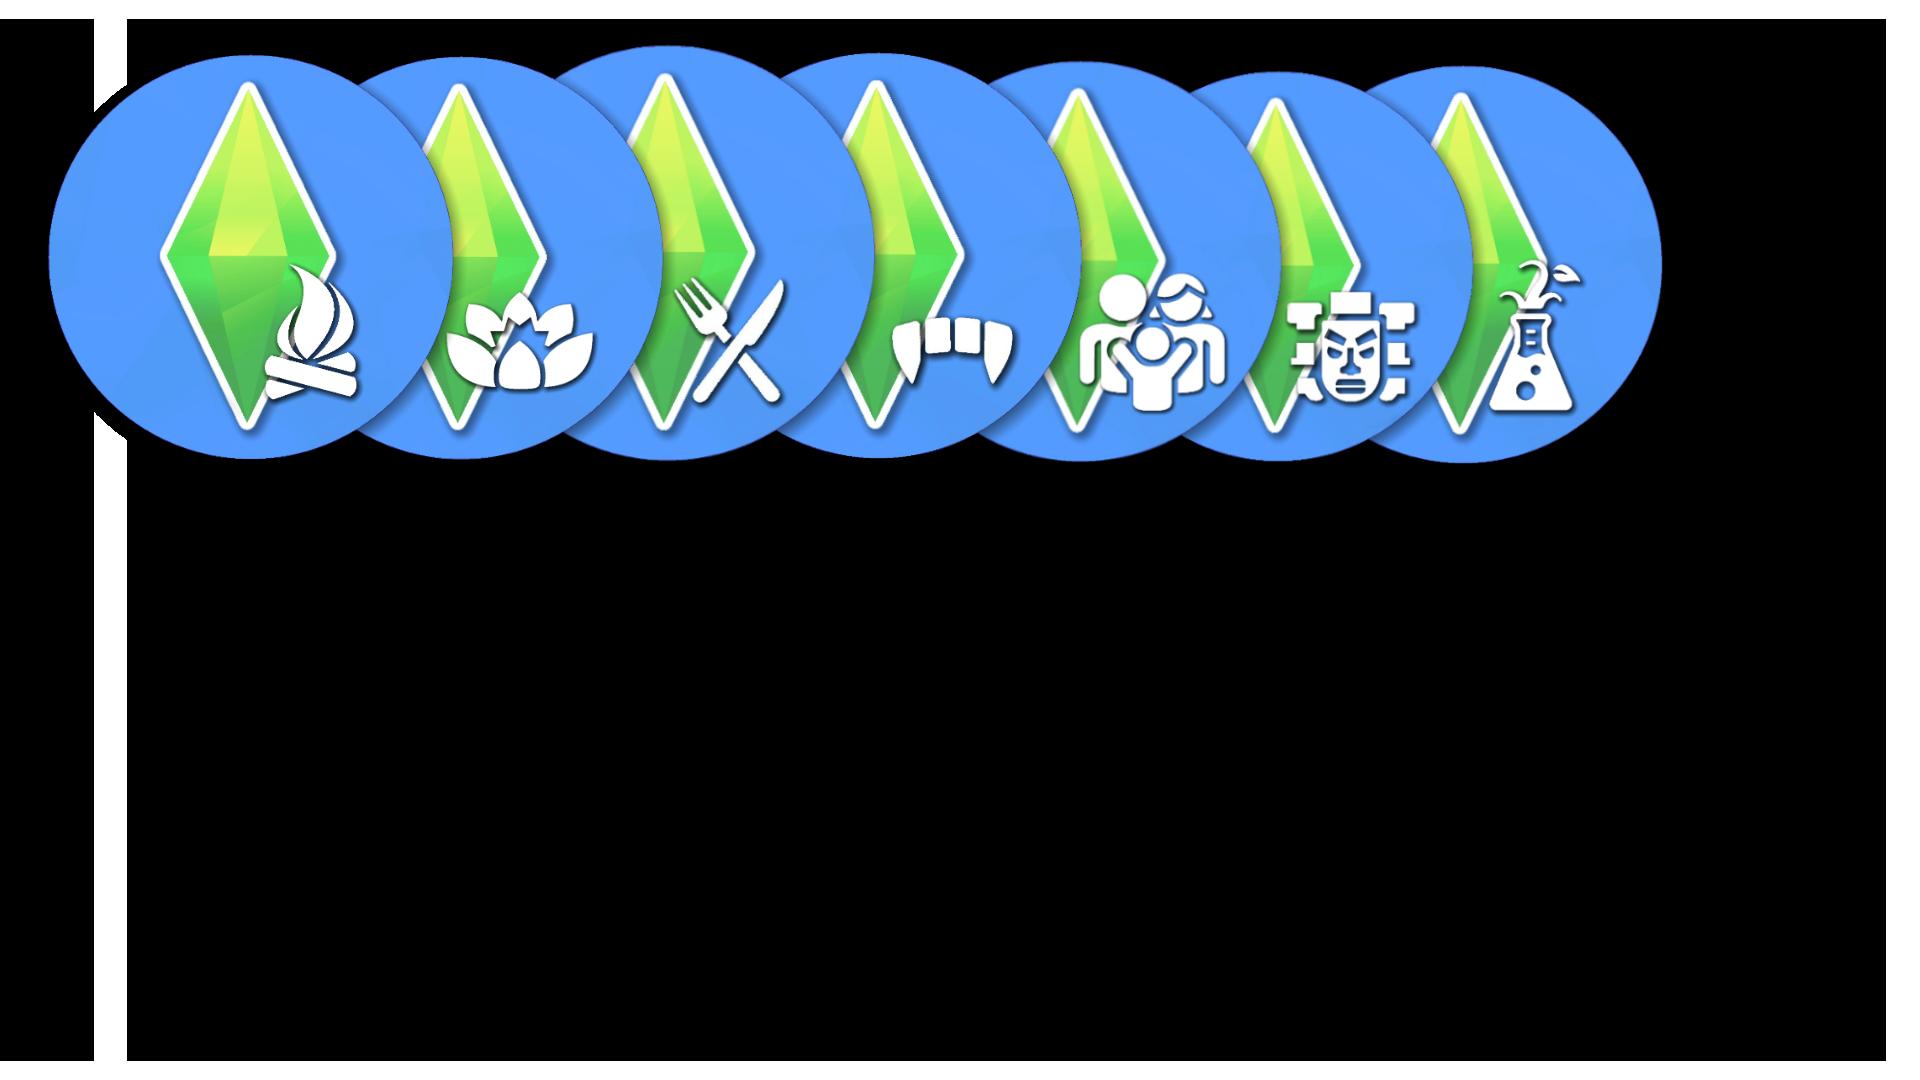 Мод Sims 4 Game Pack, иконки для рабочего стола